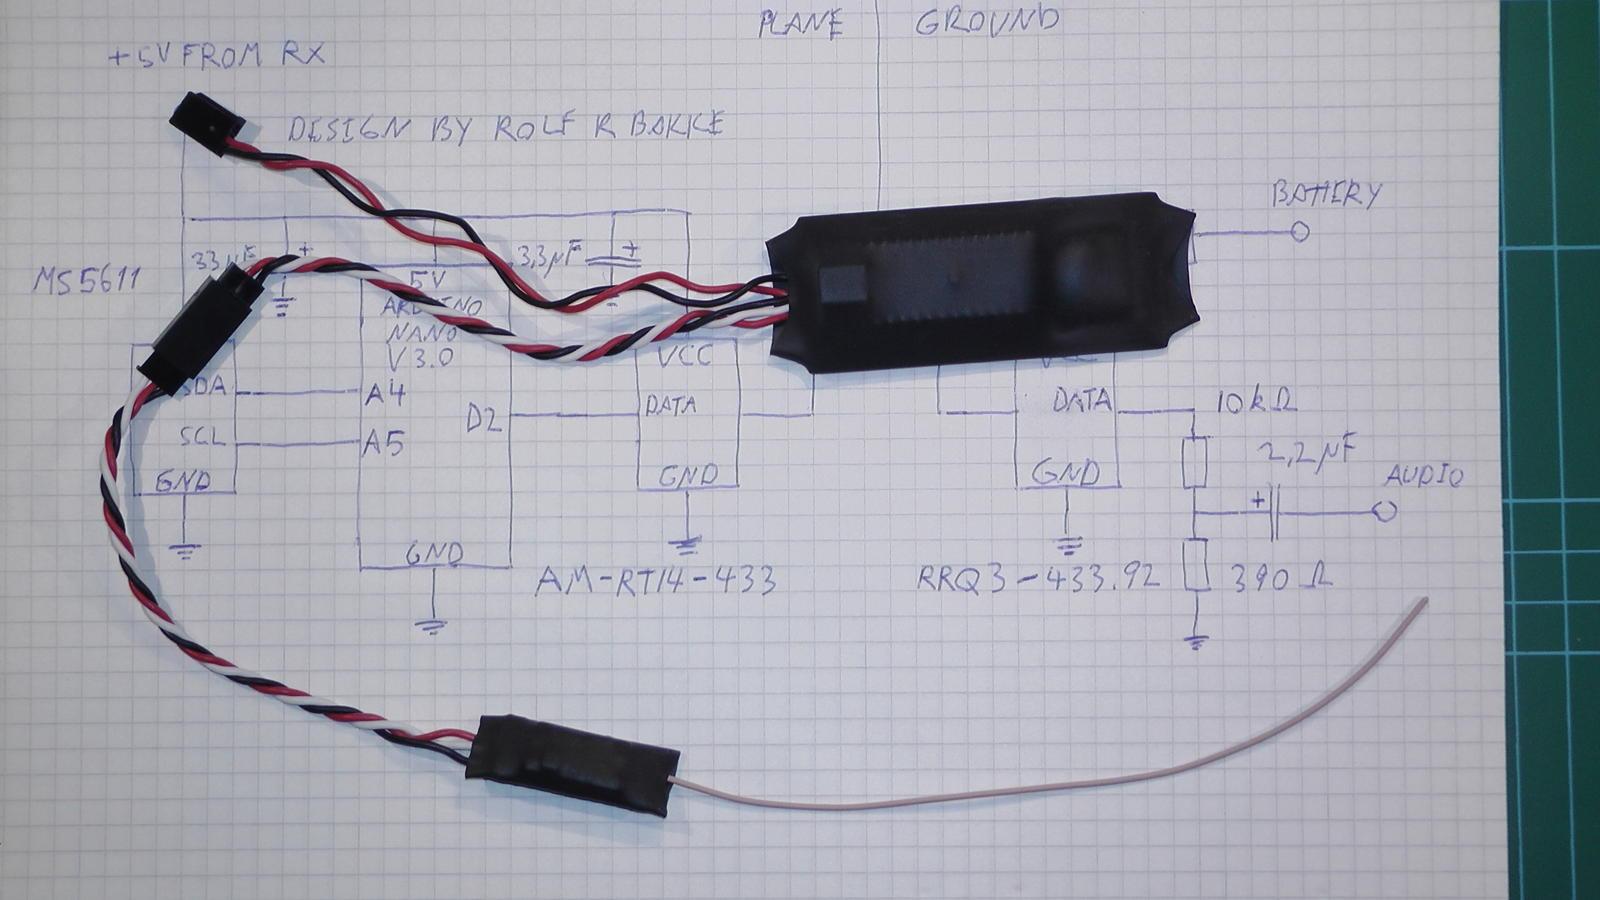 Variometer Wiring Schematic - Find Wiring Diagram •